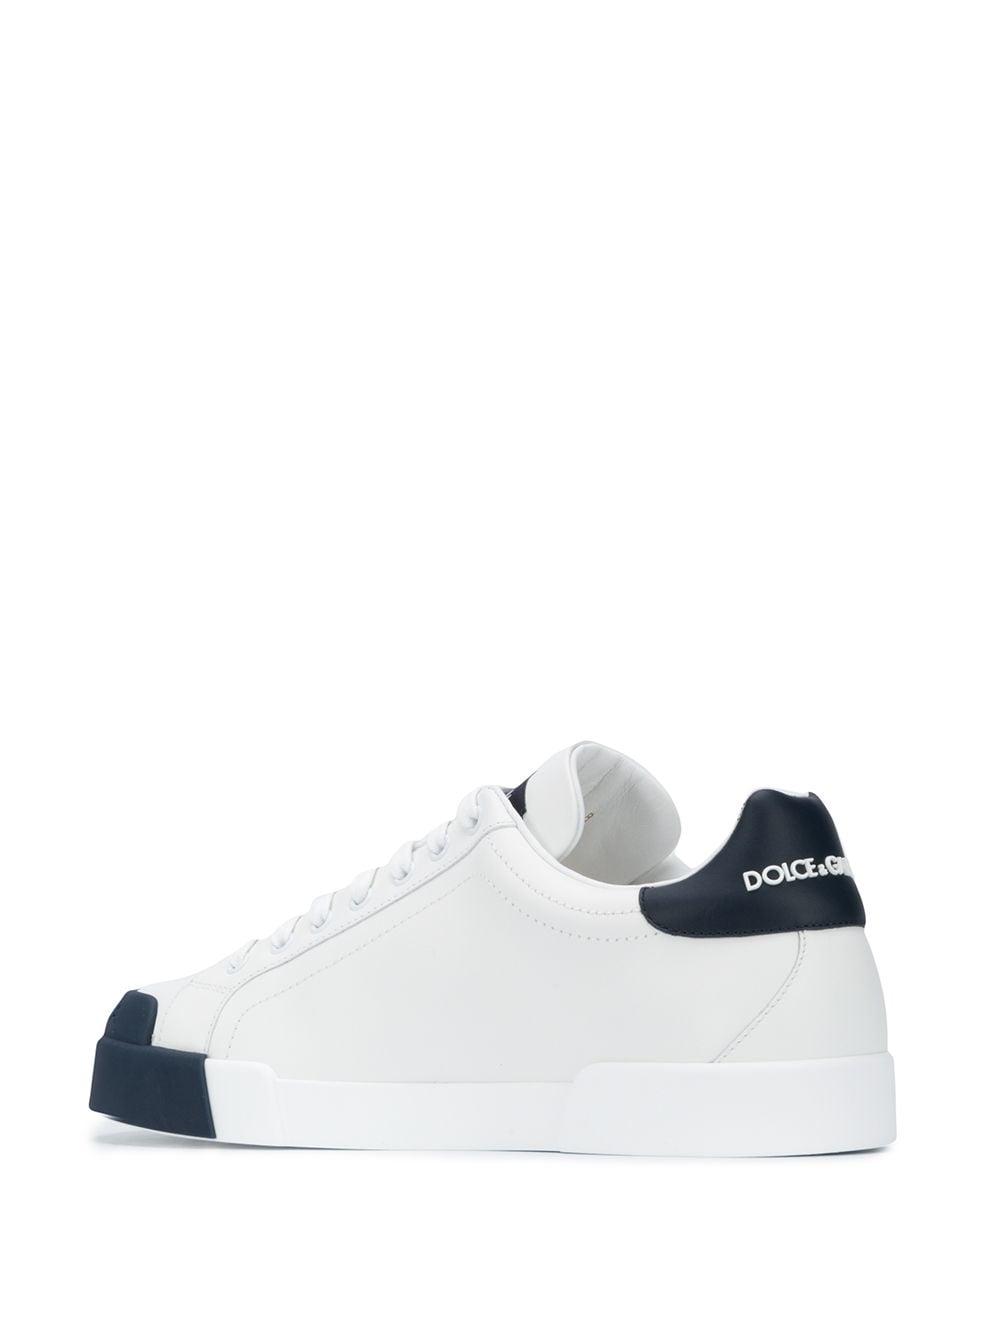 sneakers in pelle bianca bassa Portofino con dettagli a contrasto blu notte DOLCE & GABBANA | Sneakers | CS1802-AW1138N123